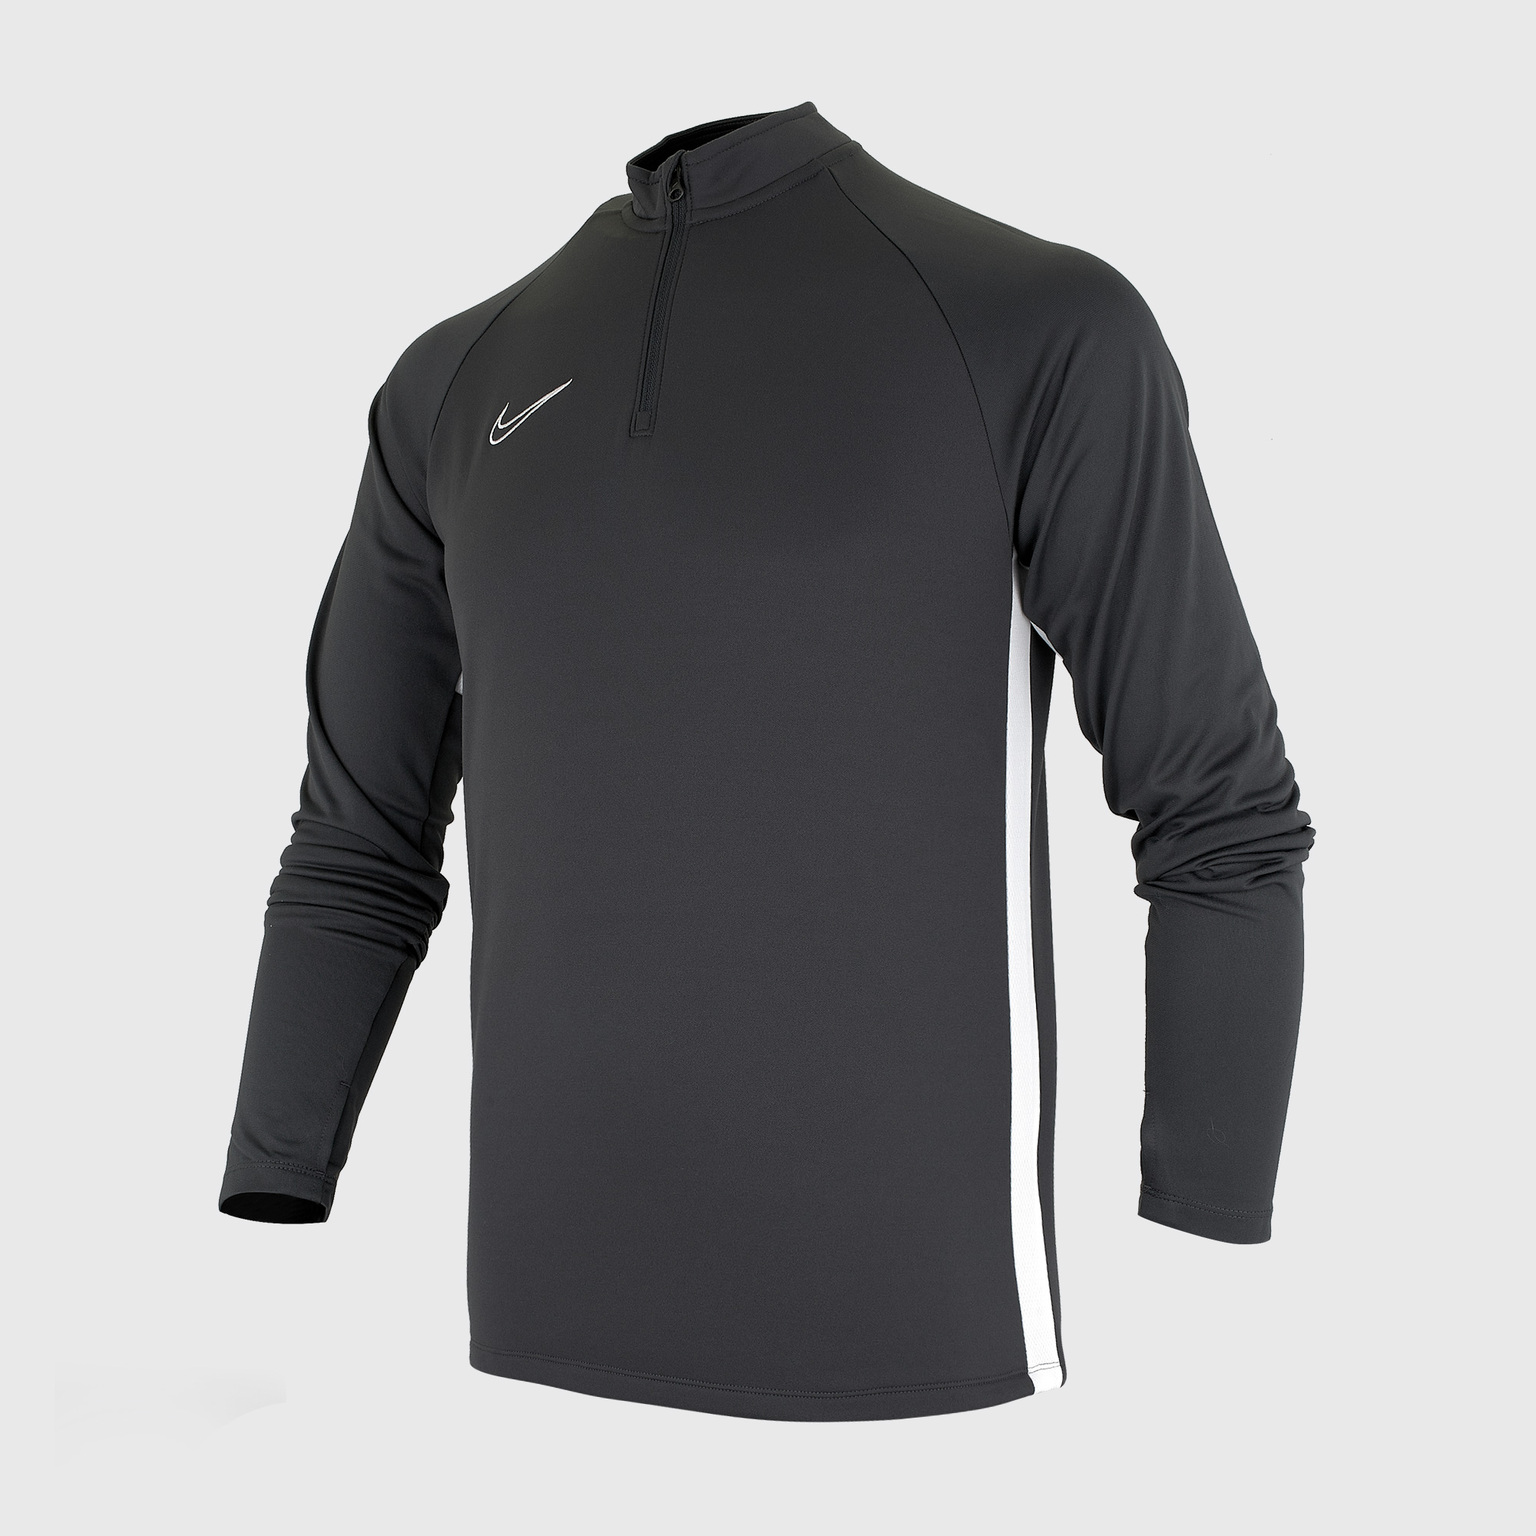 цена Свитер тренировочный подростковый Nike Academy19 Dril Top AJ9273-060 онлайн в 2017 году